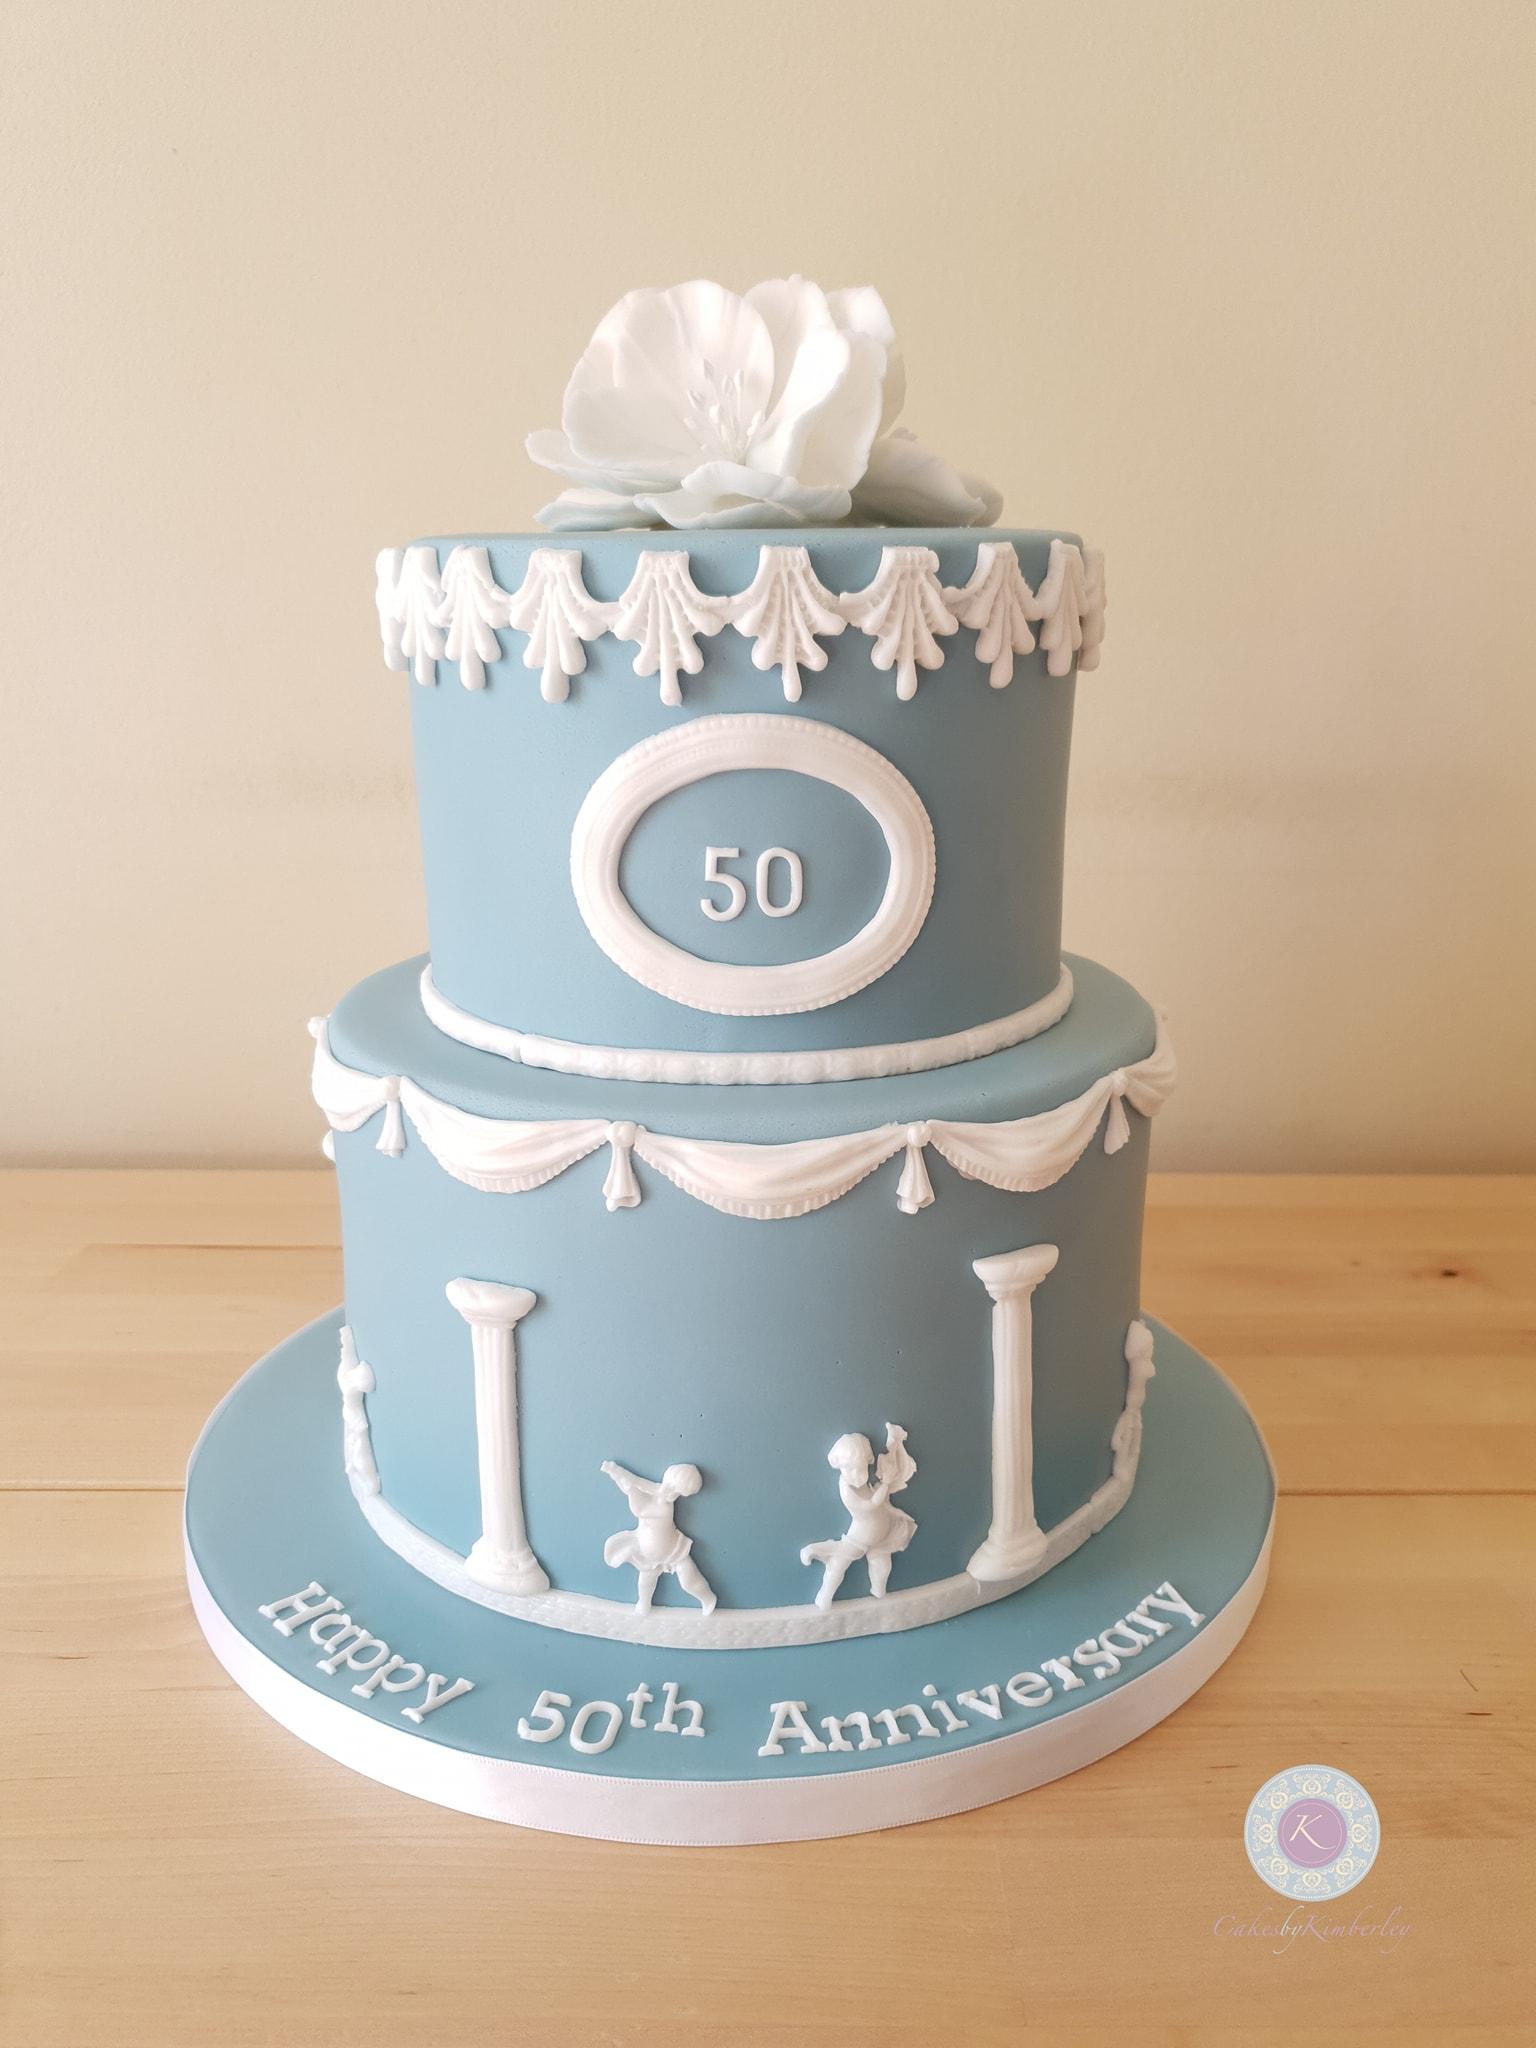 Wedgewood - 50th wedding